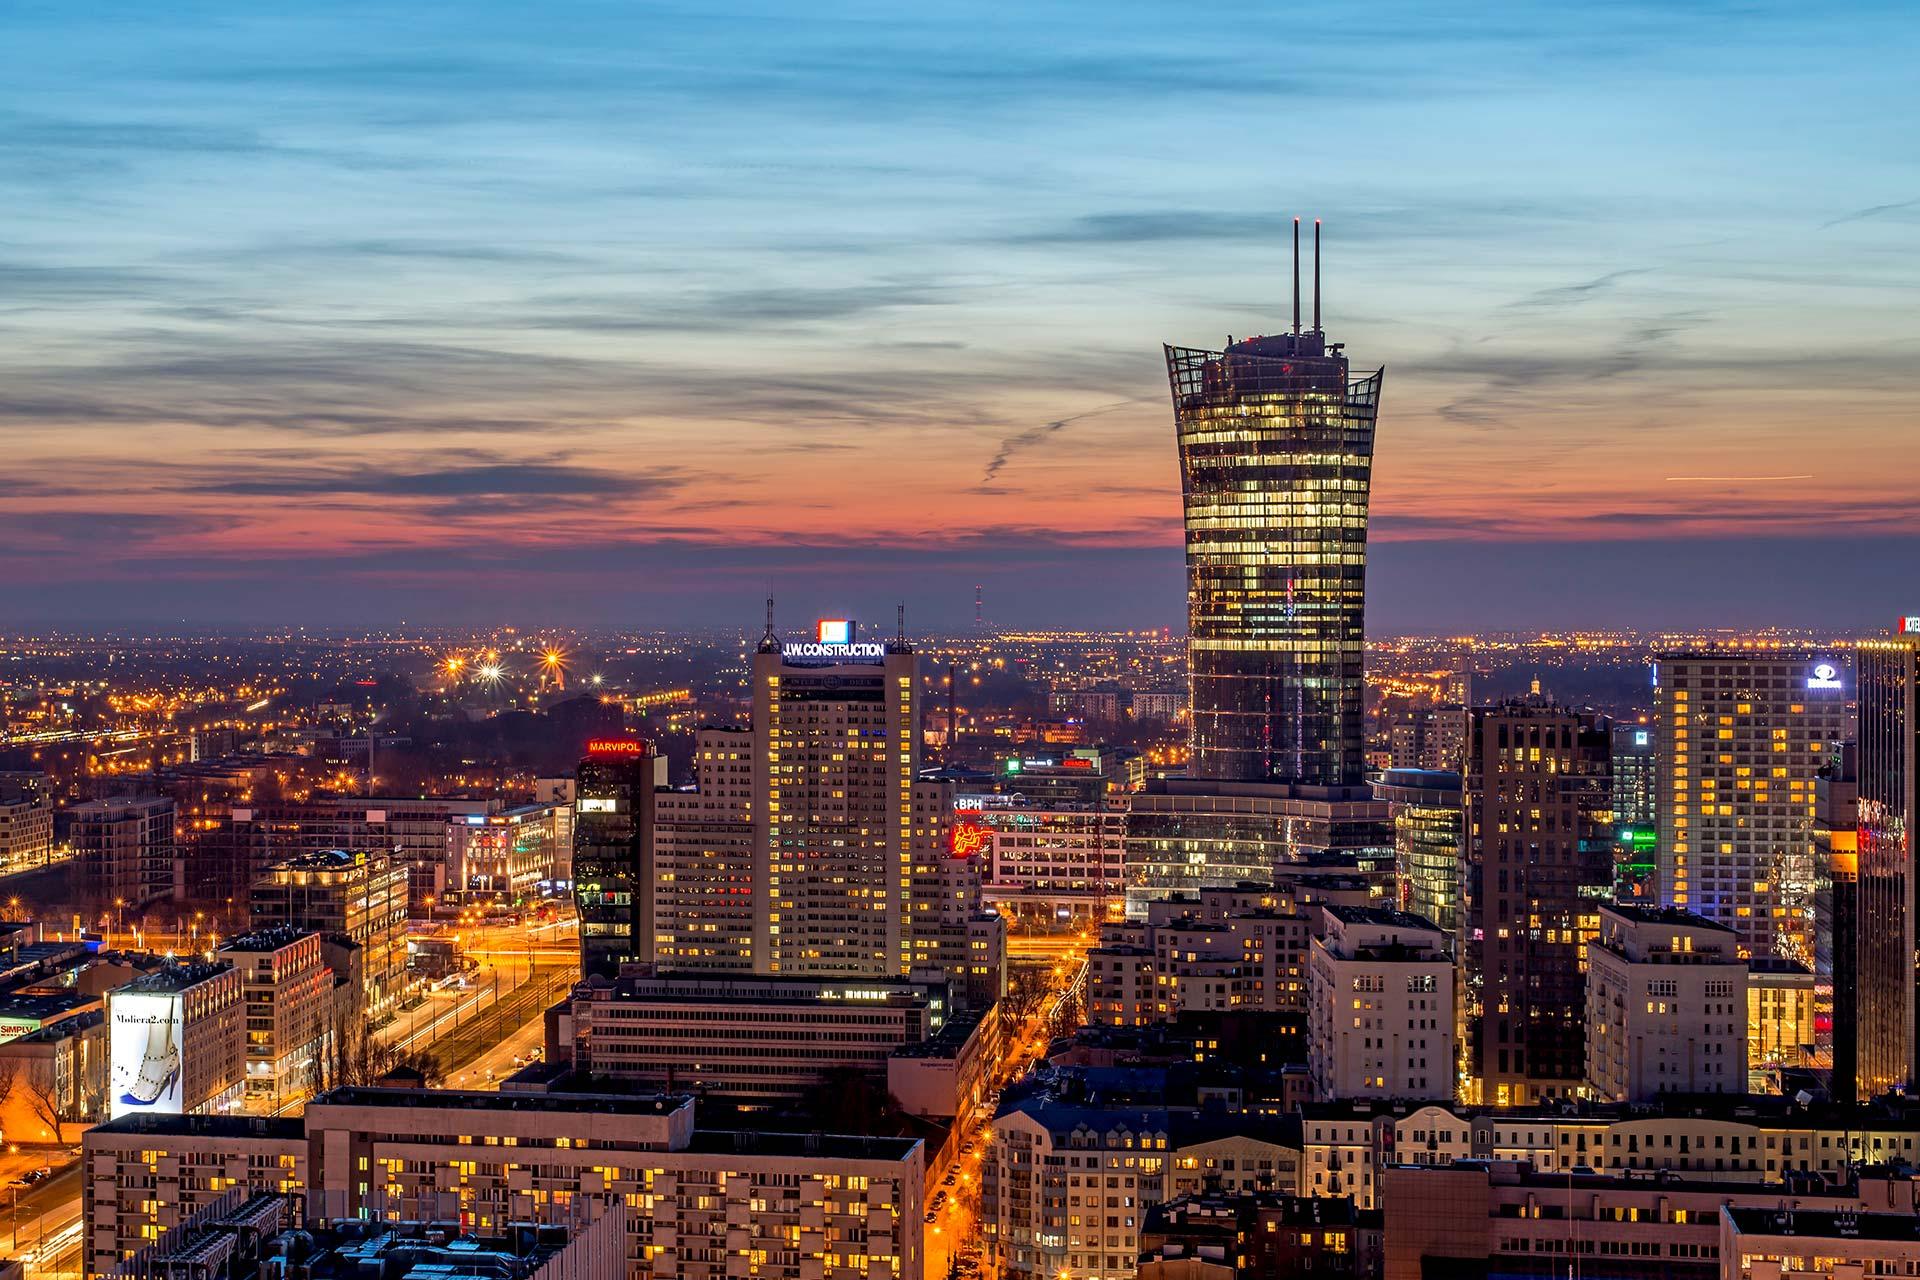 Budynki w centrum Warszawy sfotografowane na tle zachodzącego słońca